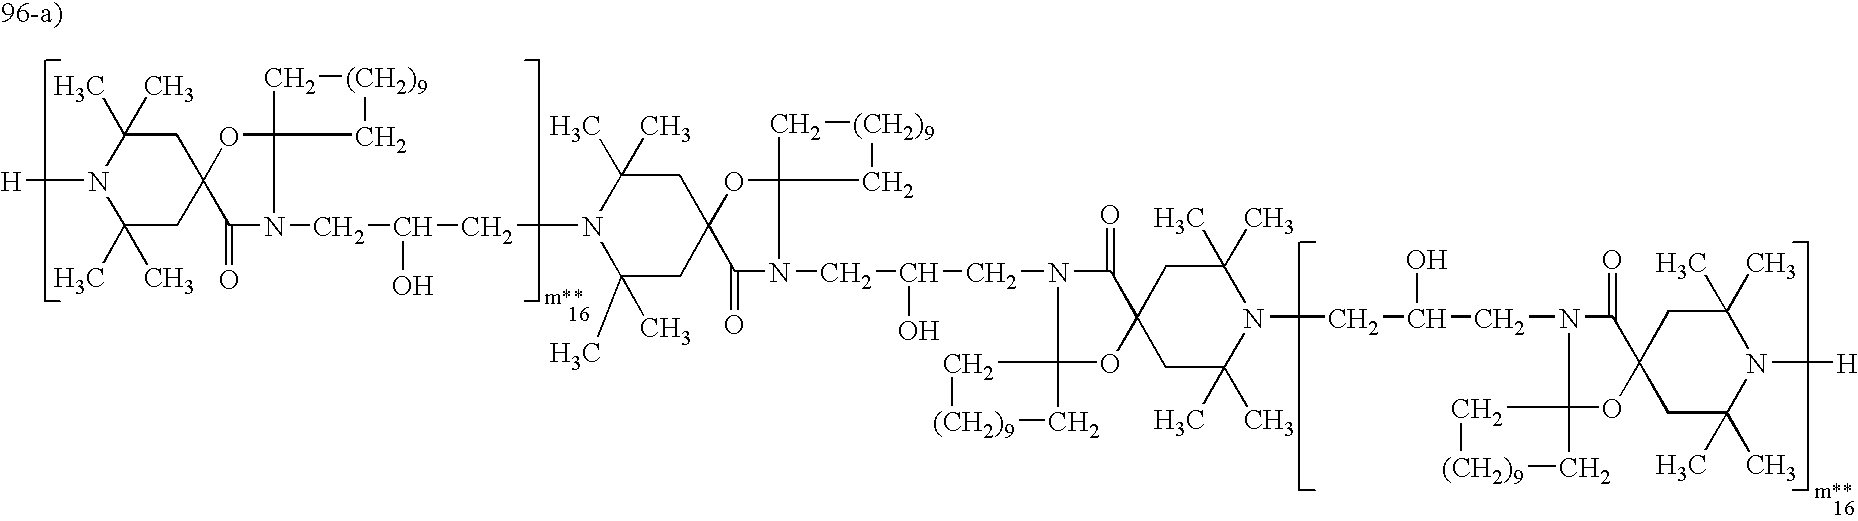 Figure US20060052491A1-20060309-C00067